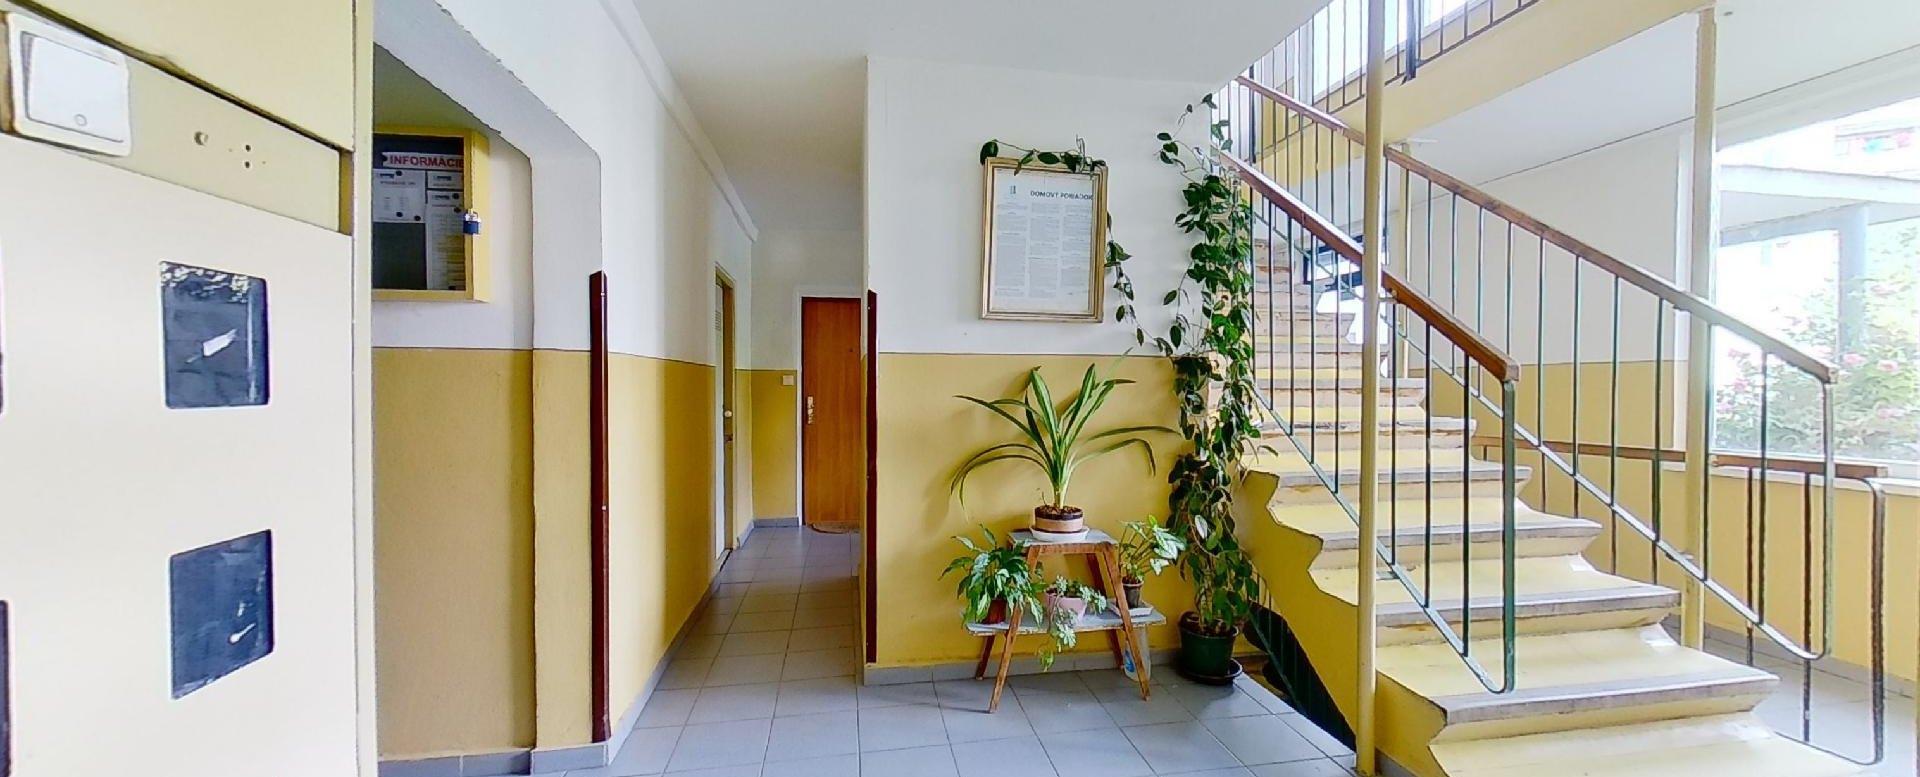 spoločné priestory a schodisko bytového domu